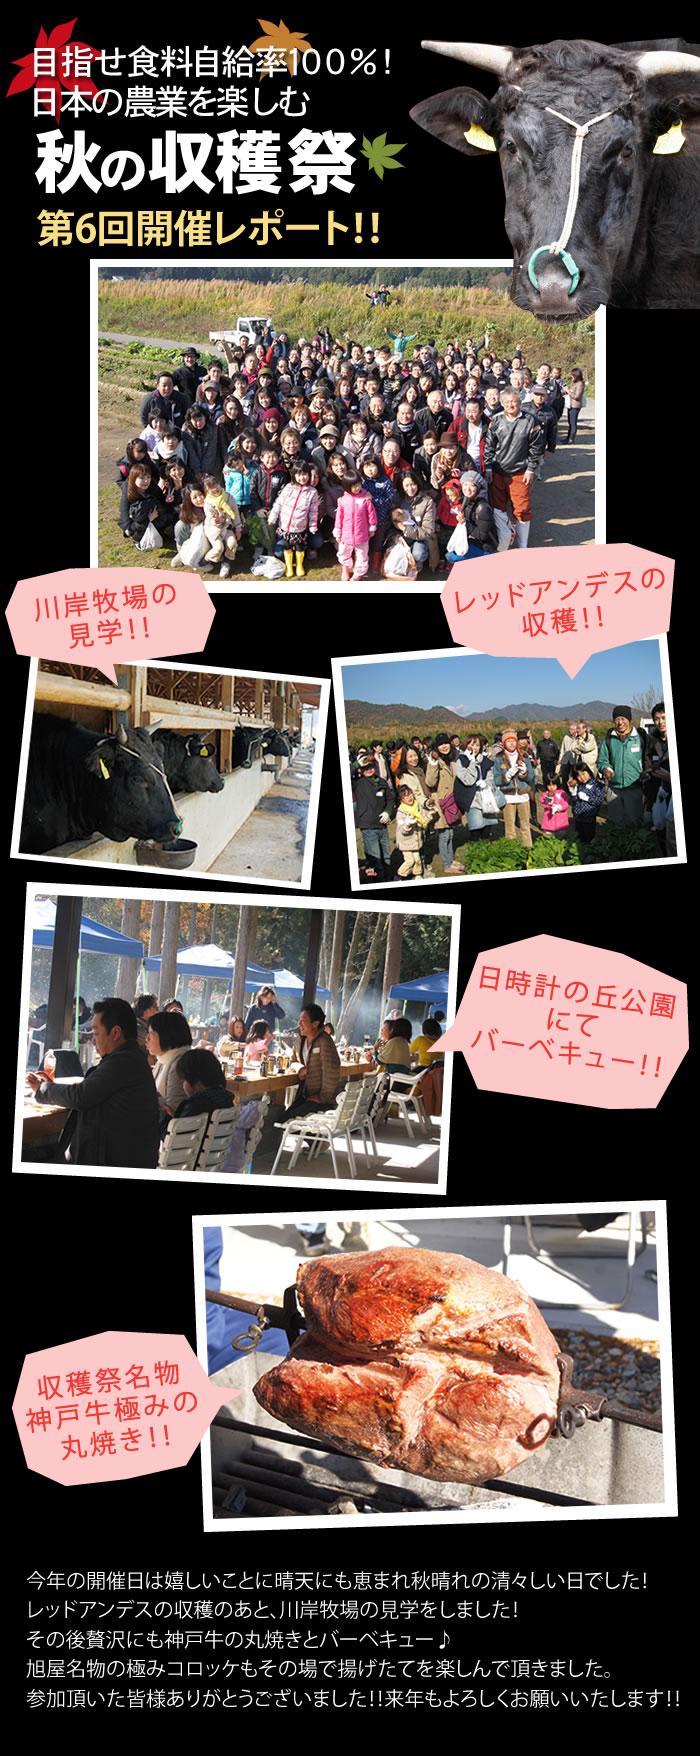 第6回「目指せ食料自給率100%!日本の農業を楽しむ秋の収穫祭」